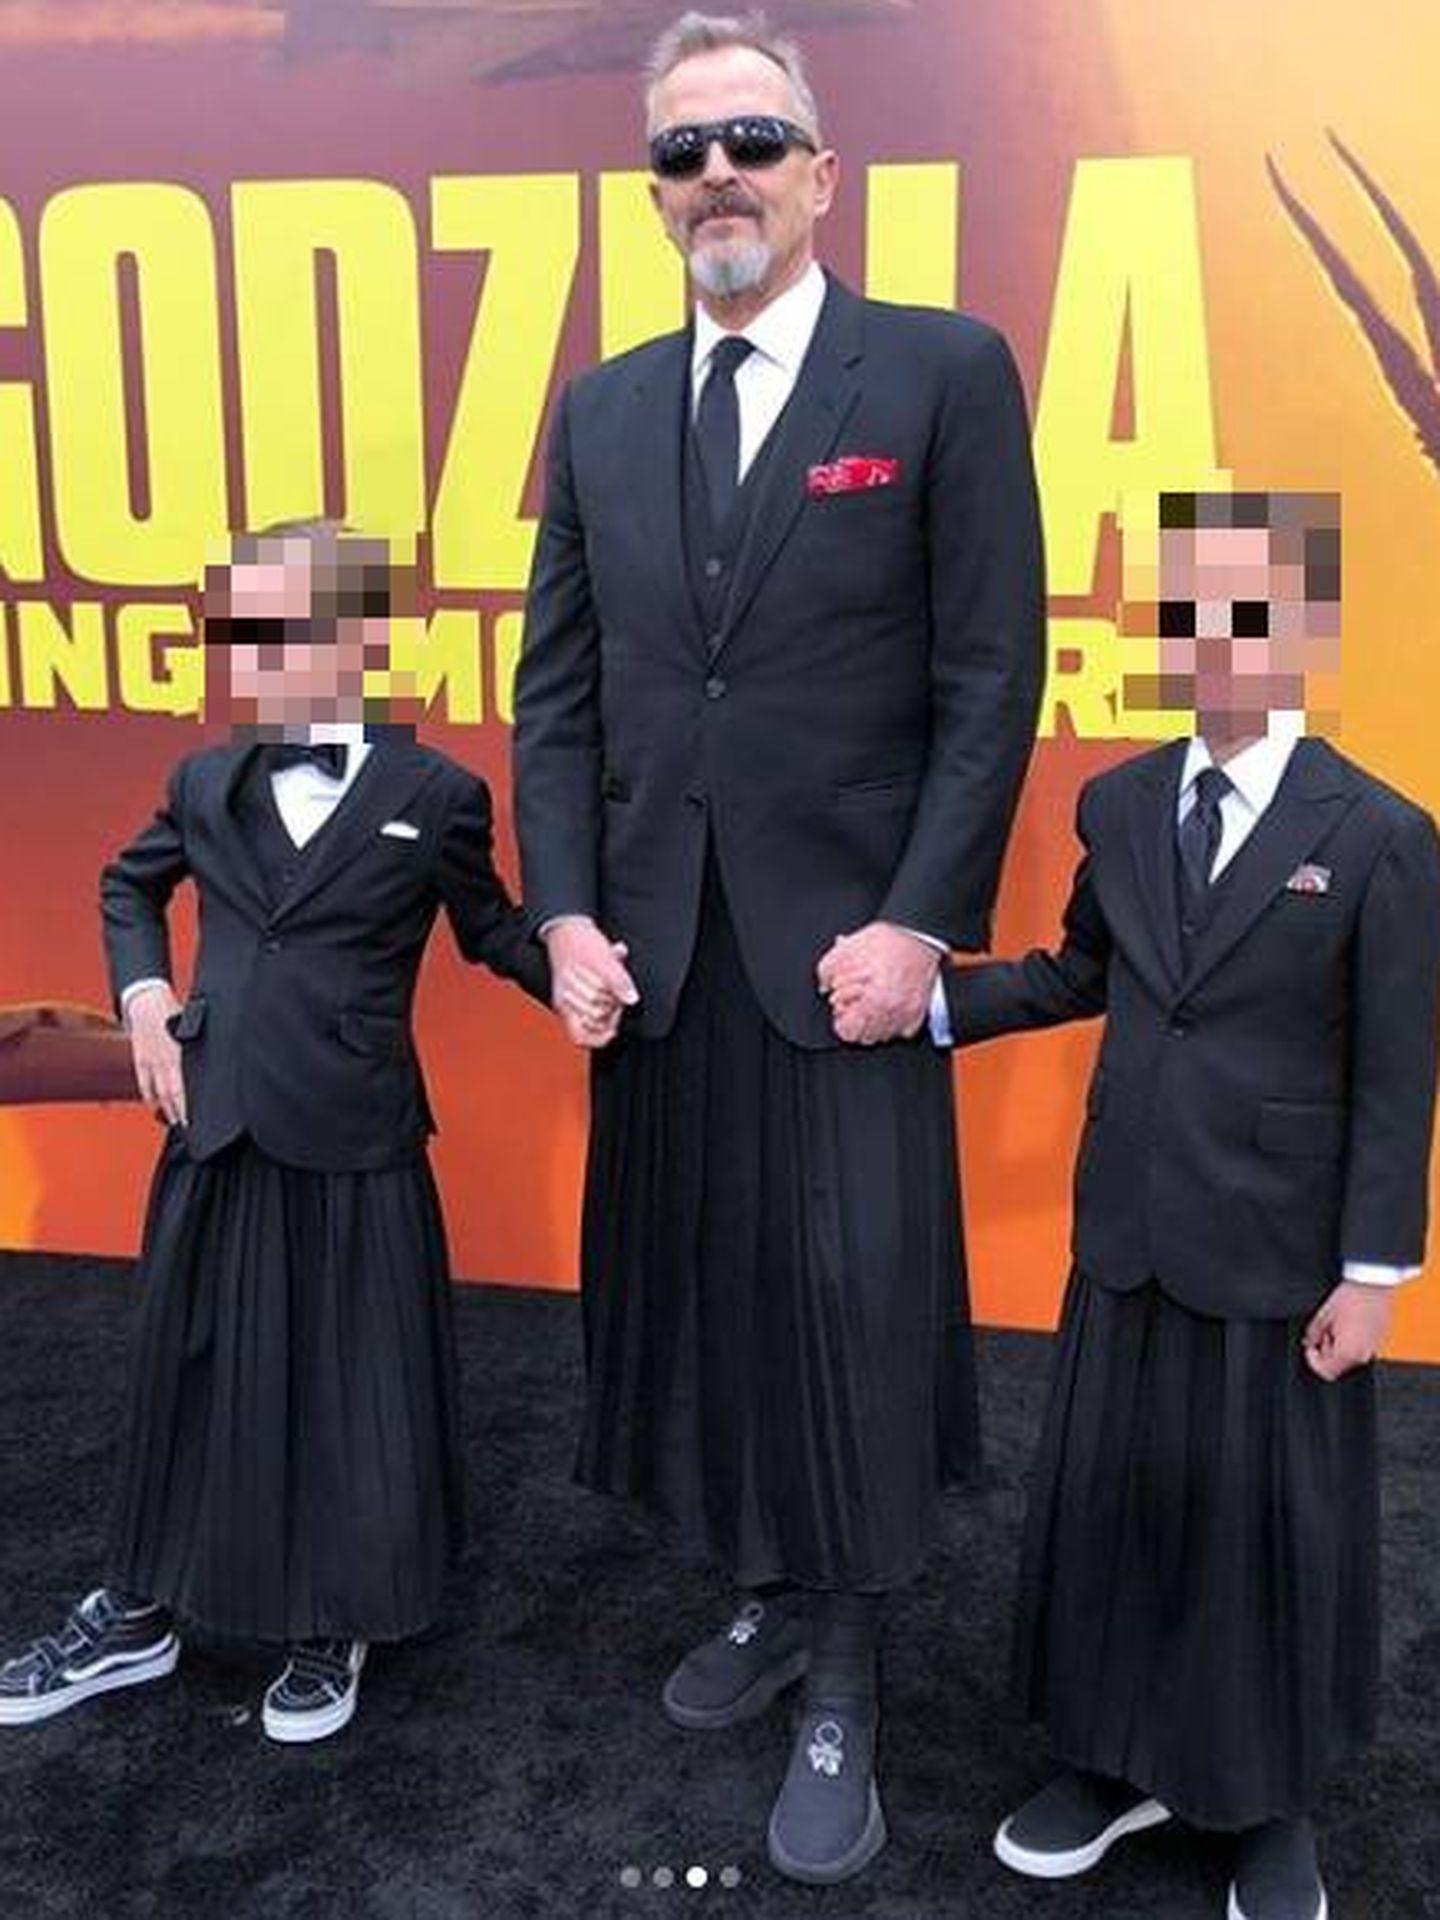 Miguel Bosé posando con sus hijos en Los Ángeles. (IG)